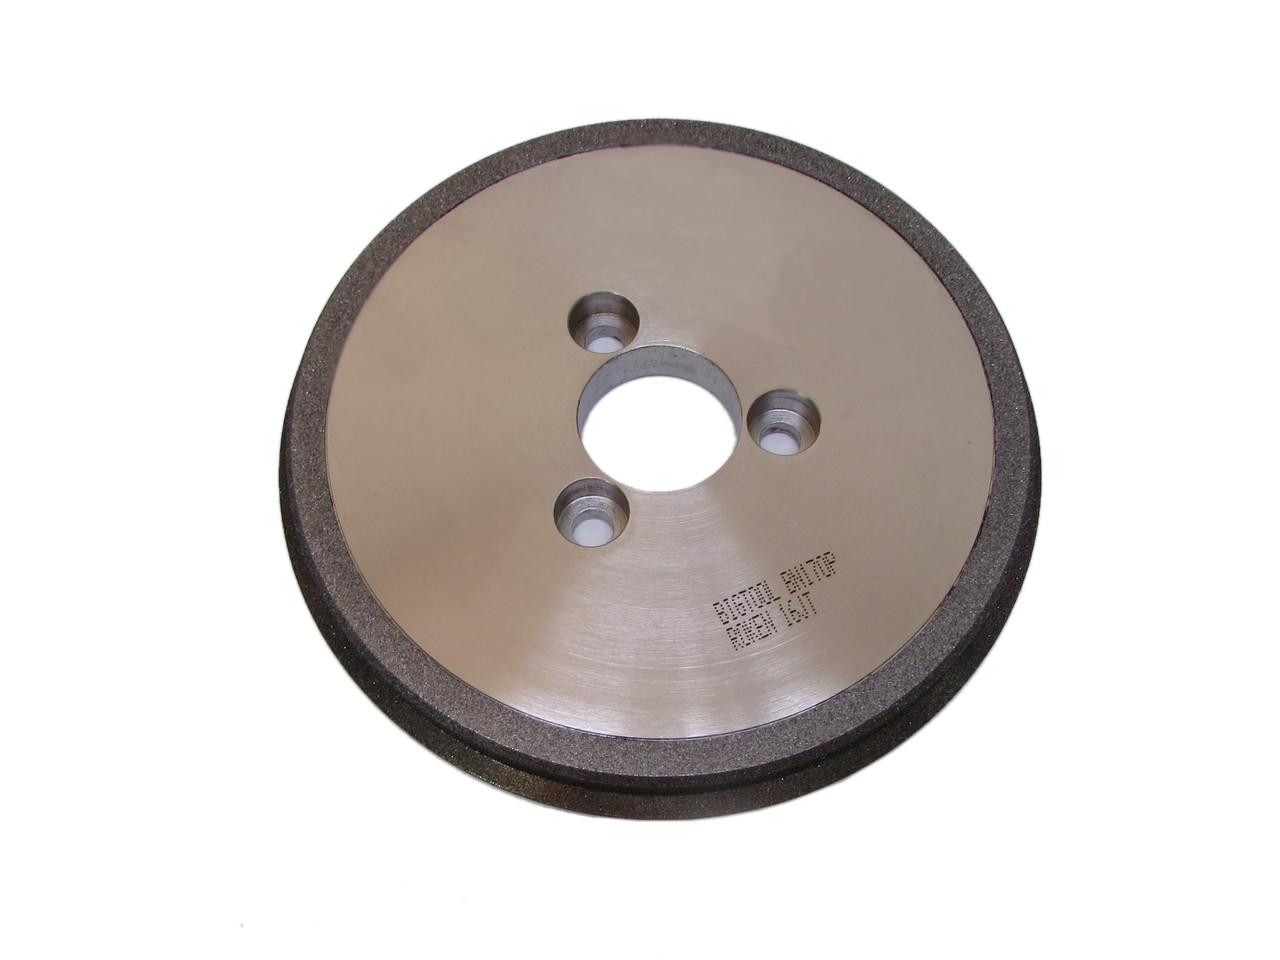 Grinding Wheel for S-115 Sharpener